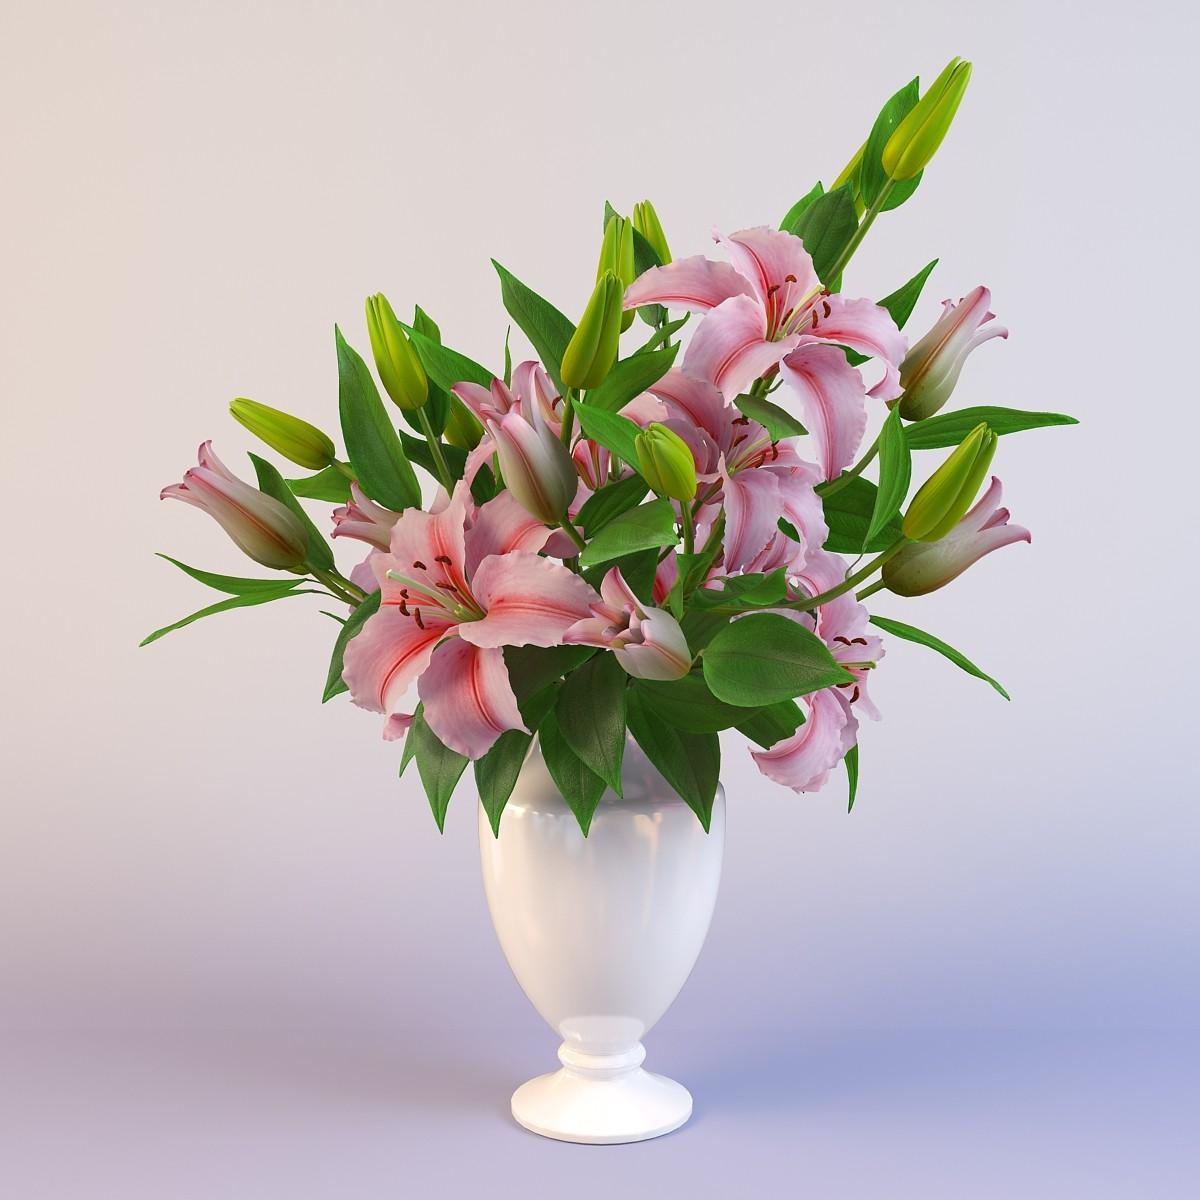 lily_vase2_1.jpg